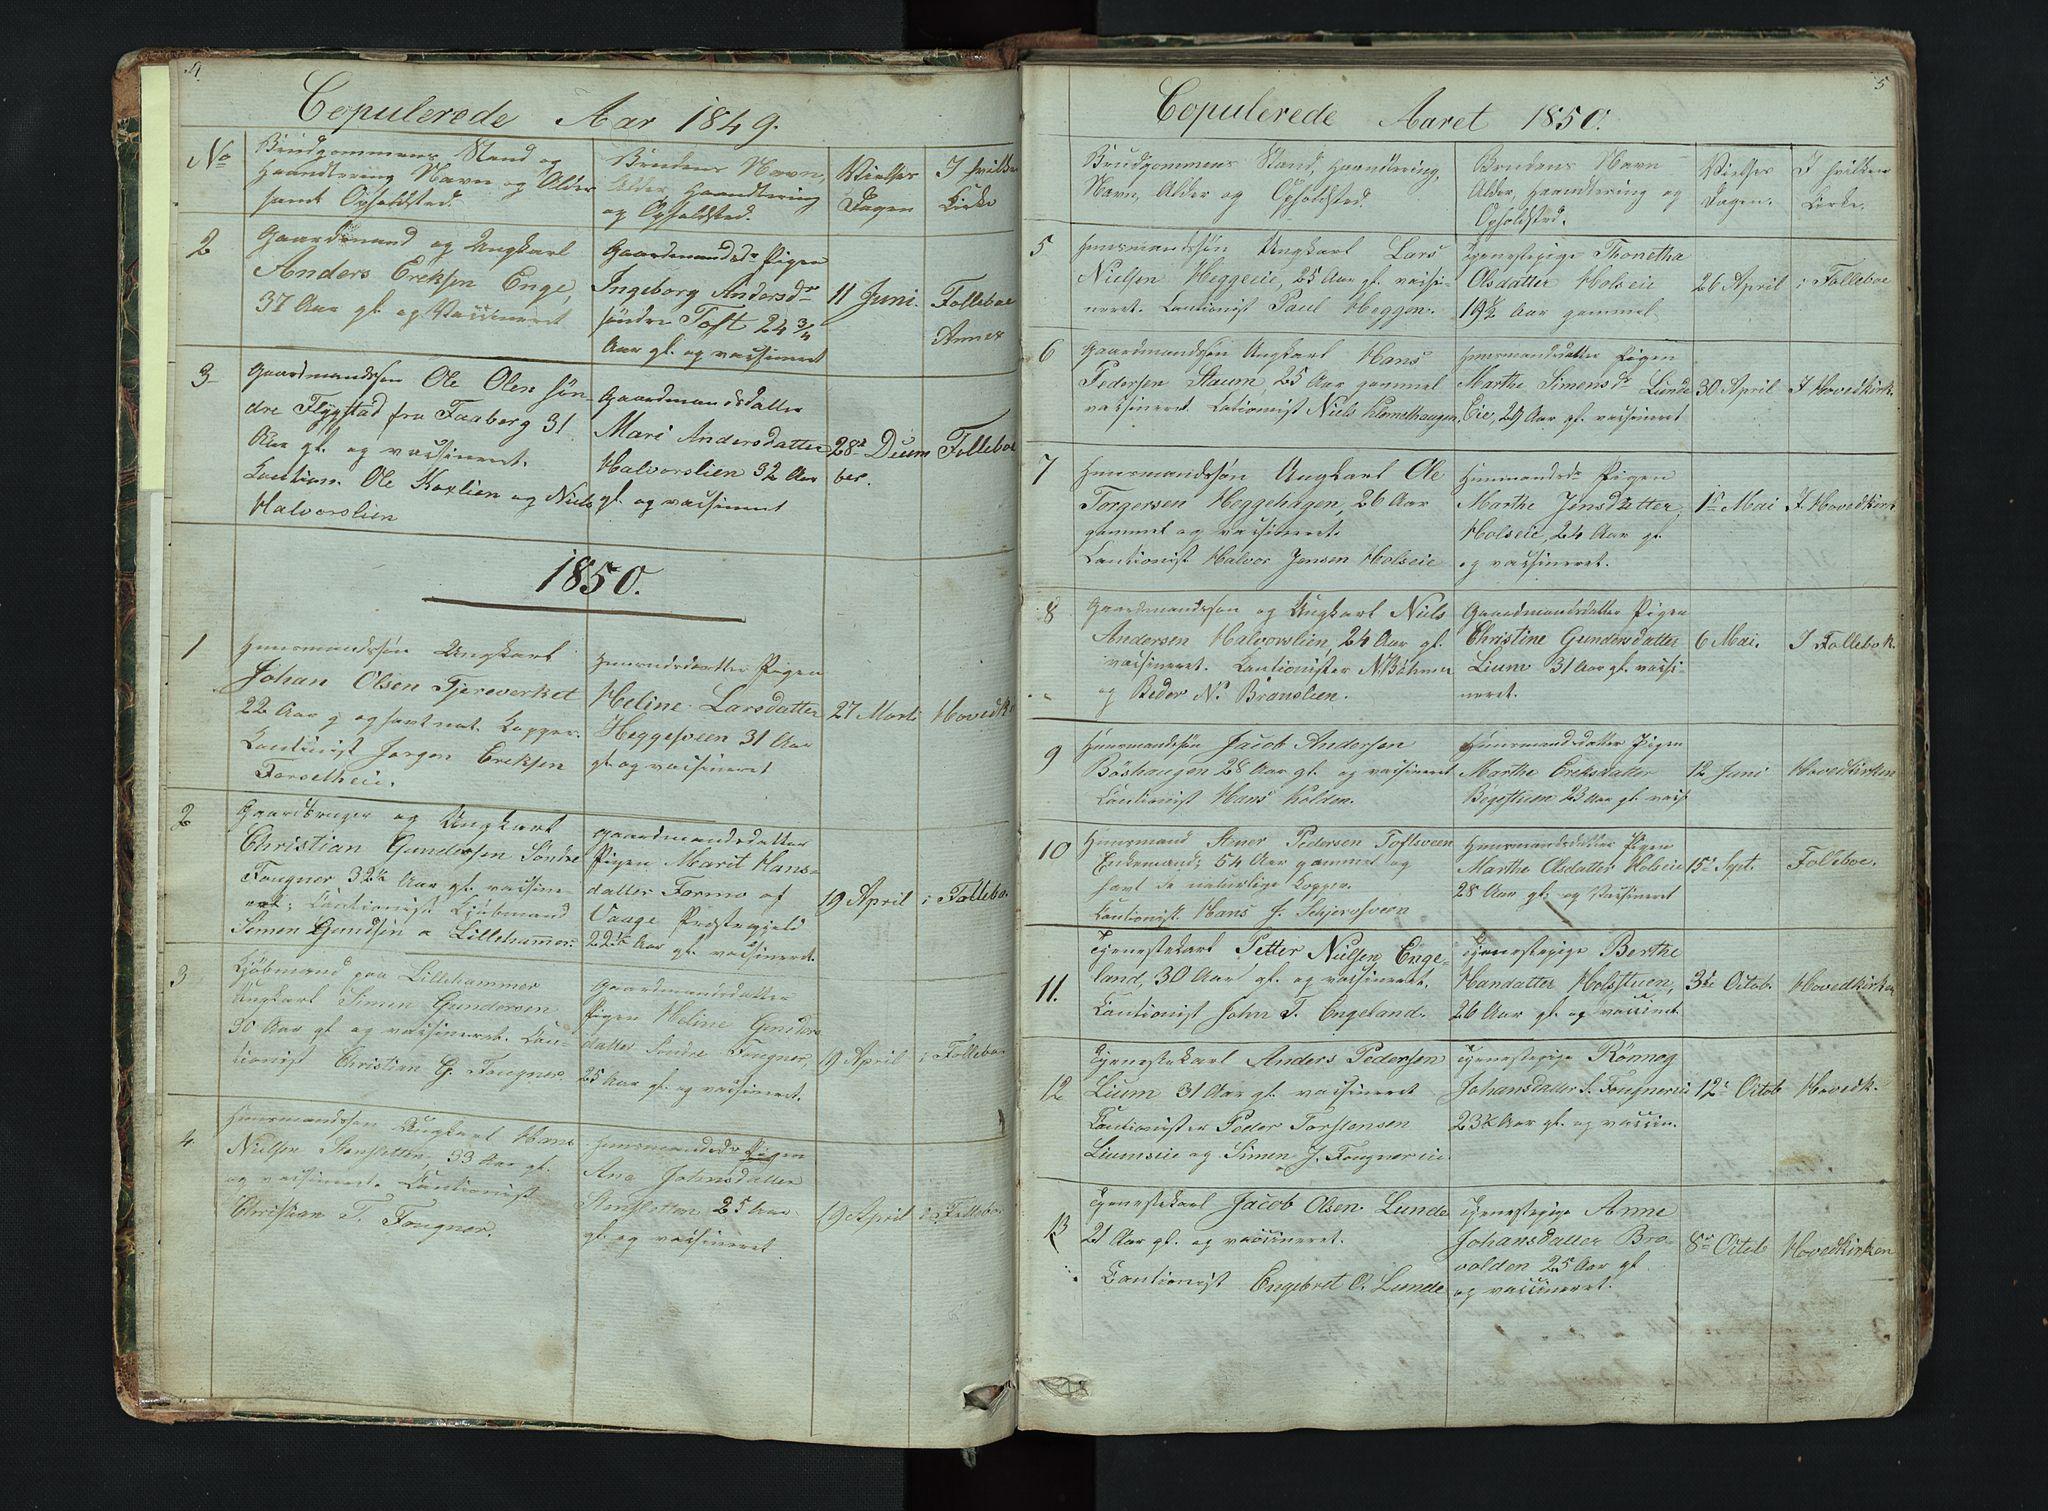 SAH, Gausdal prestekontor, Klokkerbok nr. 6, 1846-1893, s. 4-5